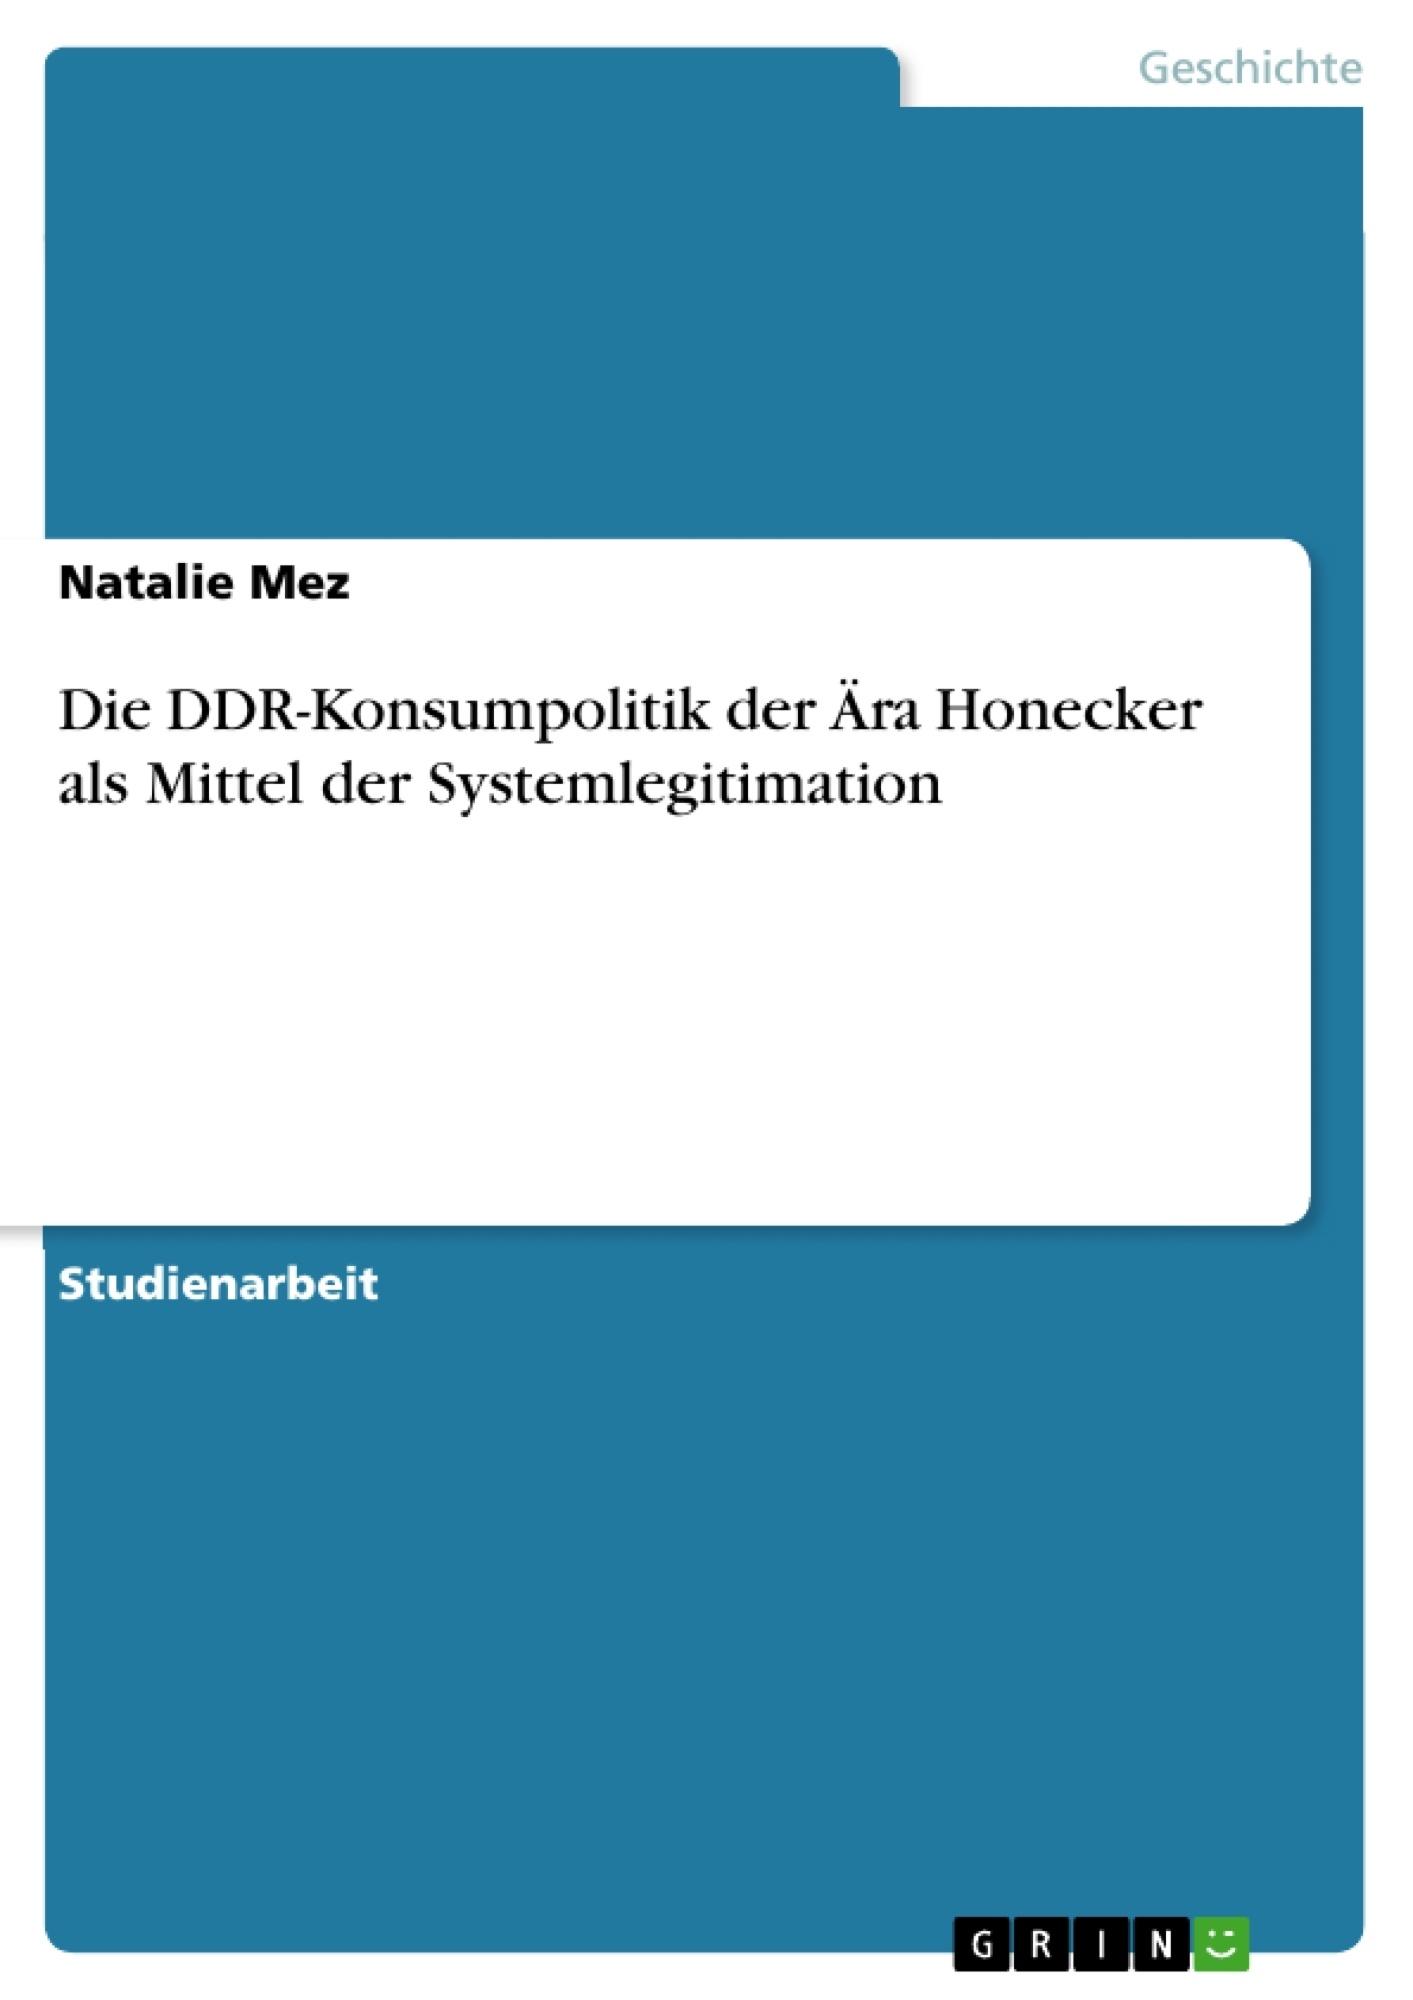 Titel: Die DDR-Konsumpolitik der Ära Honecker als Mittel der Systemlegitimation